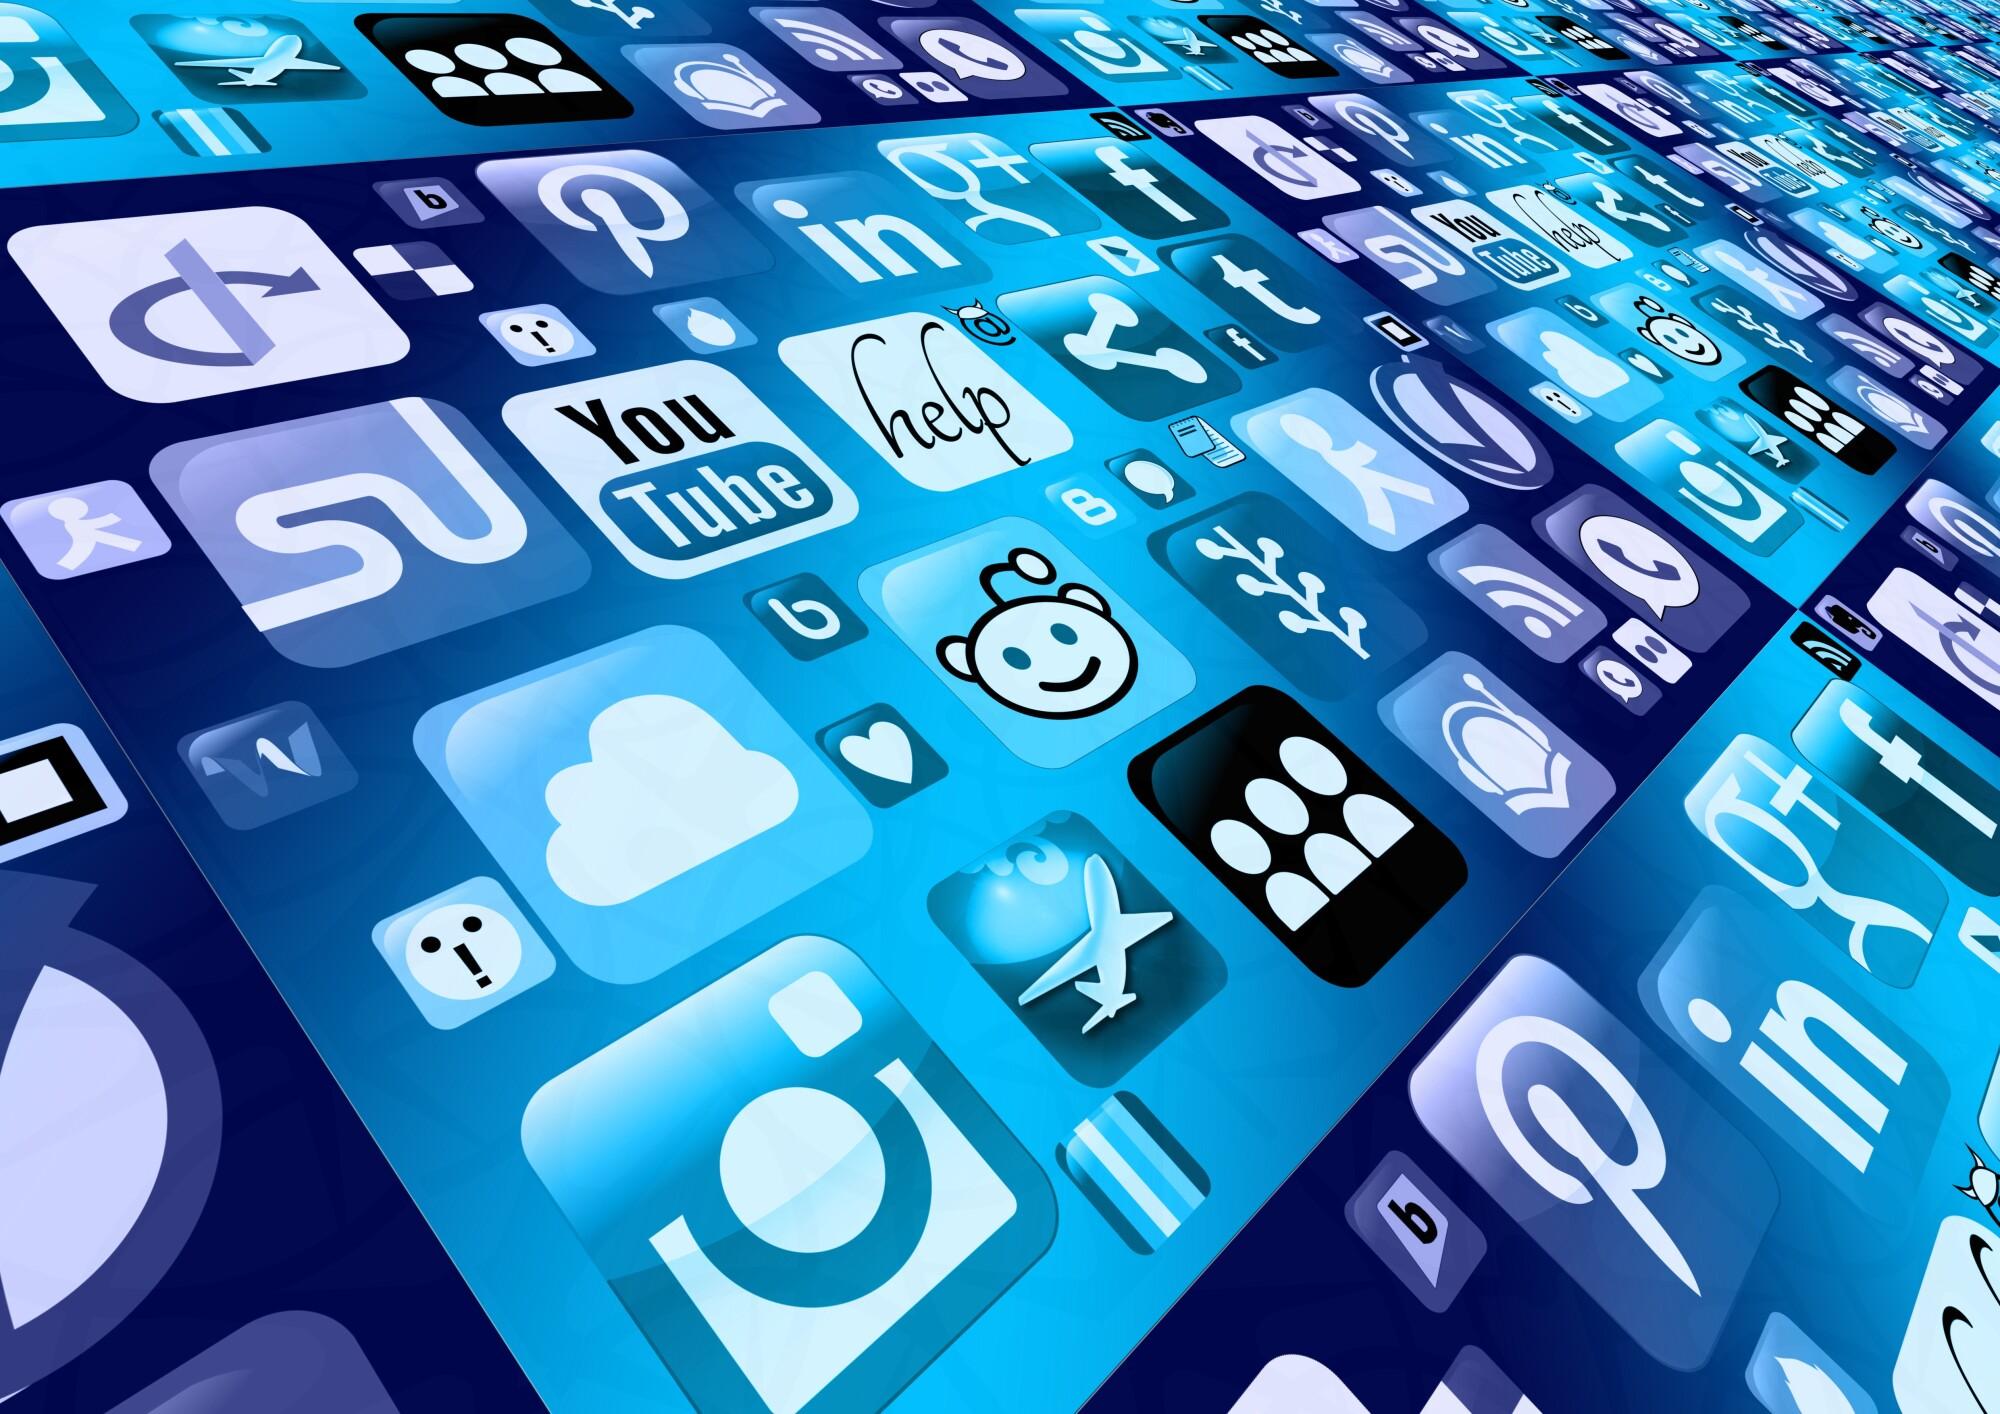 6 Social Media Tips for Moving Company Marketing